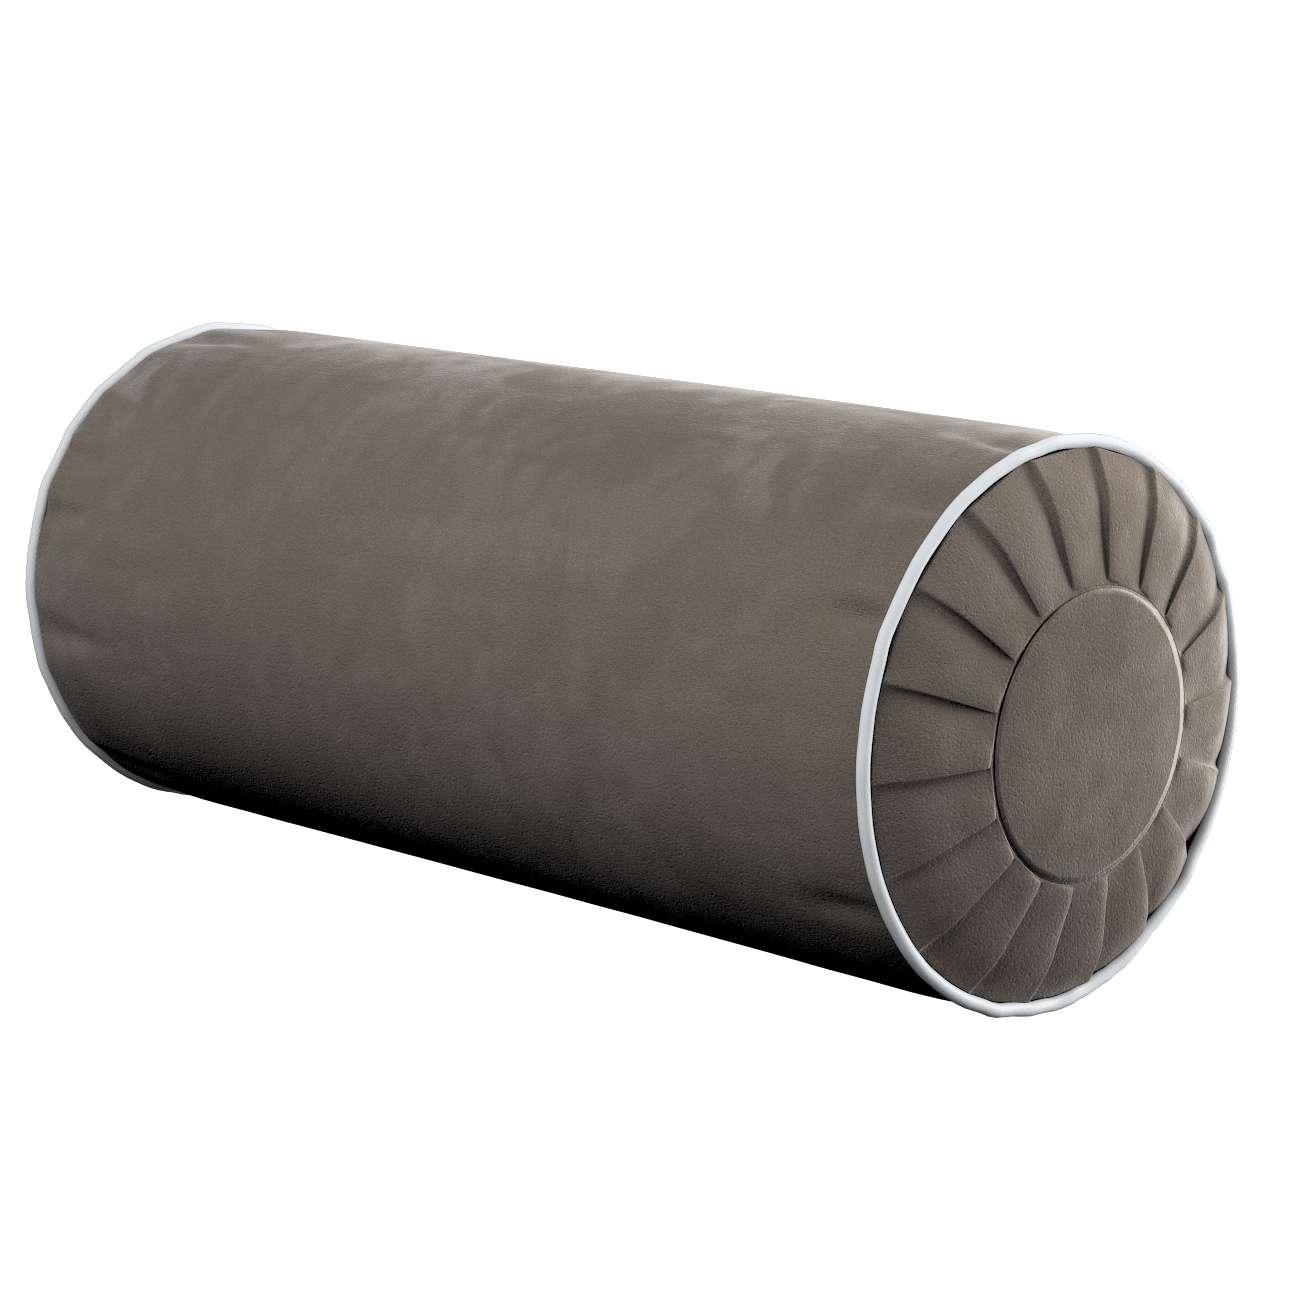 Yoga rolkussen met ingewerkte lus van de collectie Velvet, Stof: 704-19